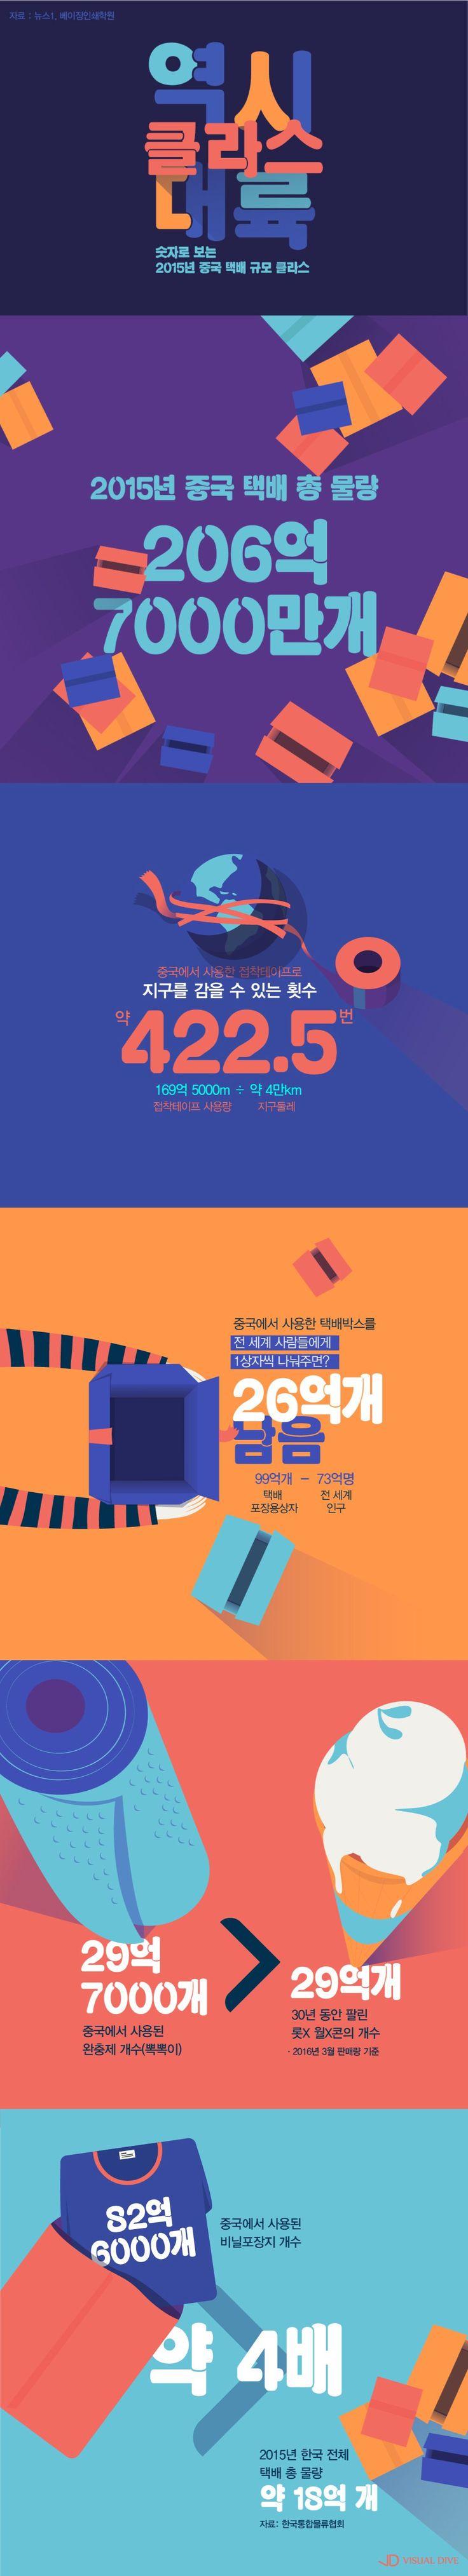 커지는 중국 택배시장···포장용 택배 상자 99억개 [인포그래픽] #China / #Infographic ⓒ 비주얼다이브 무단 복사·전재·재배포…